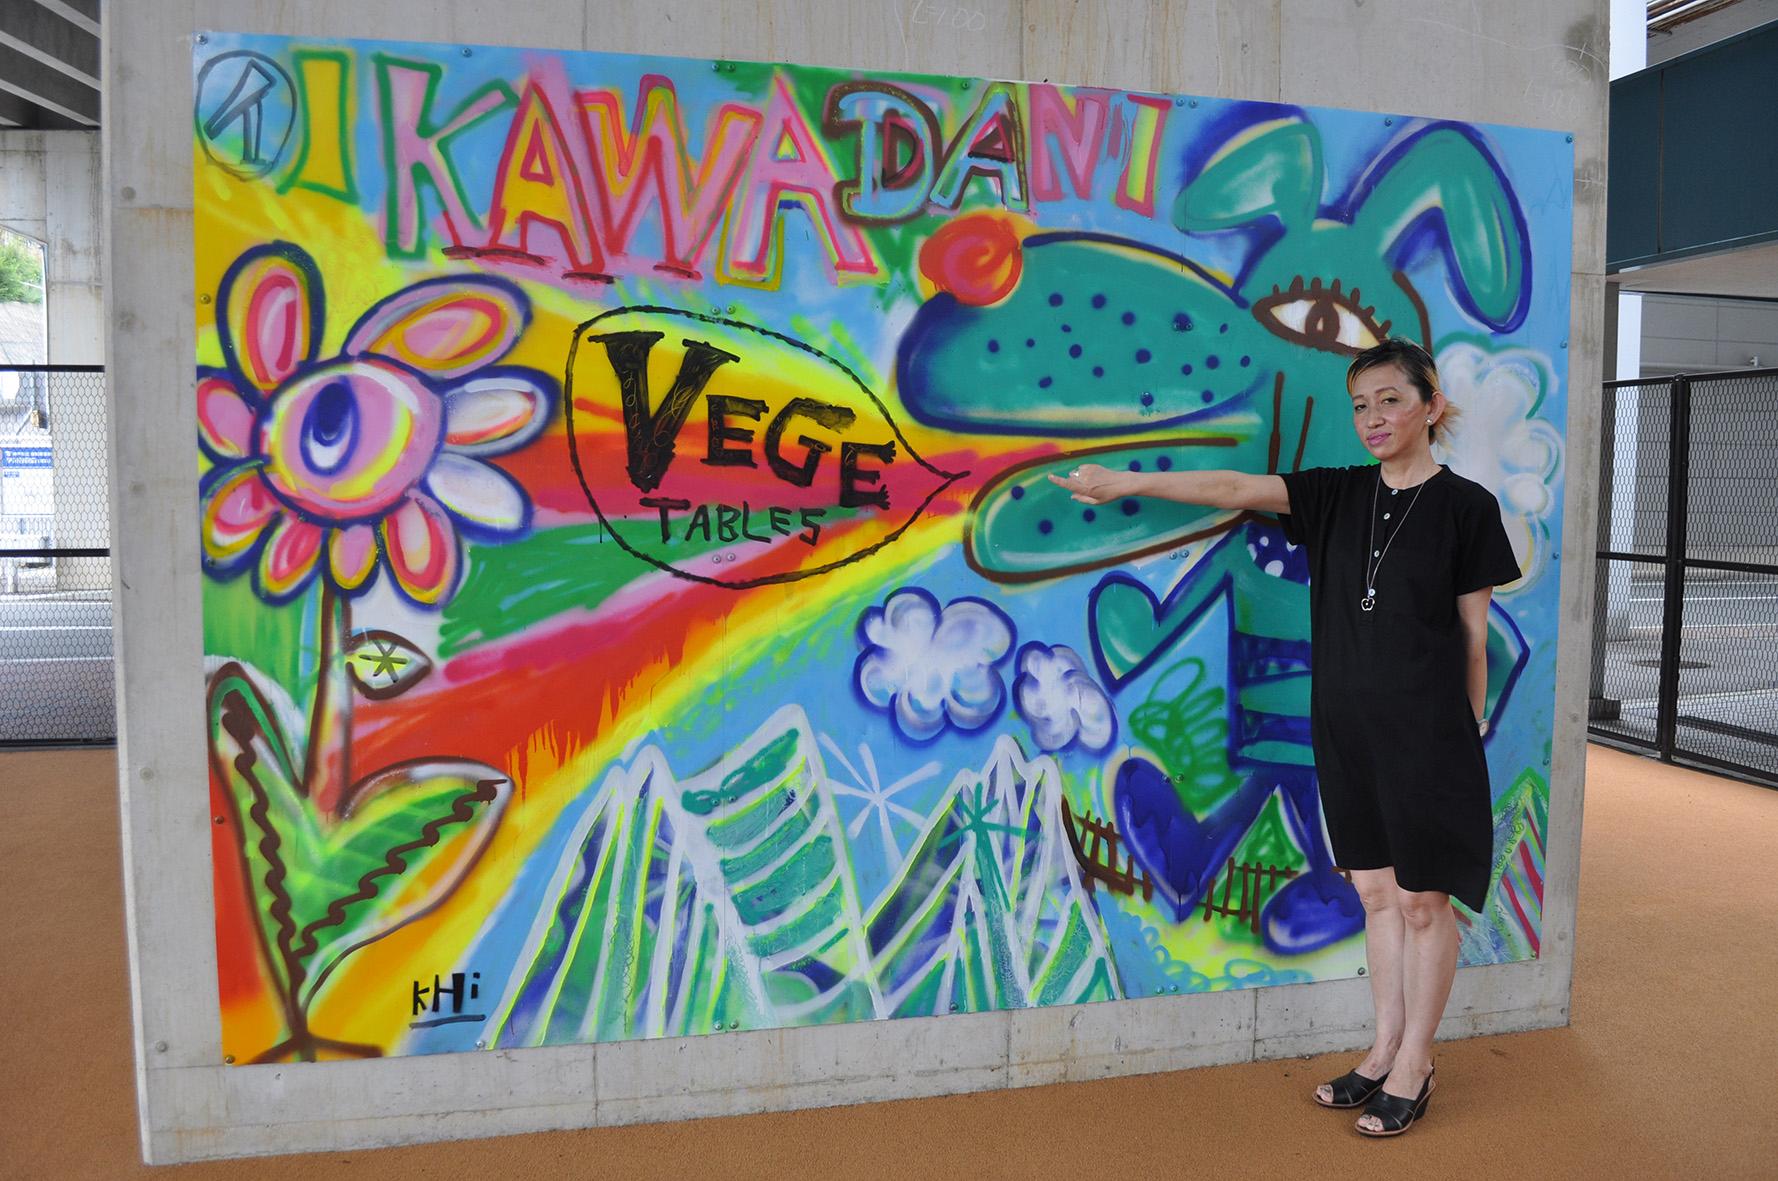 記事 芸工大廣中薫准教授が伊川谷駅前壁画を制作のアイキャッチ画像